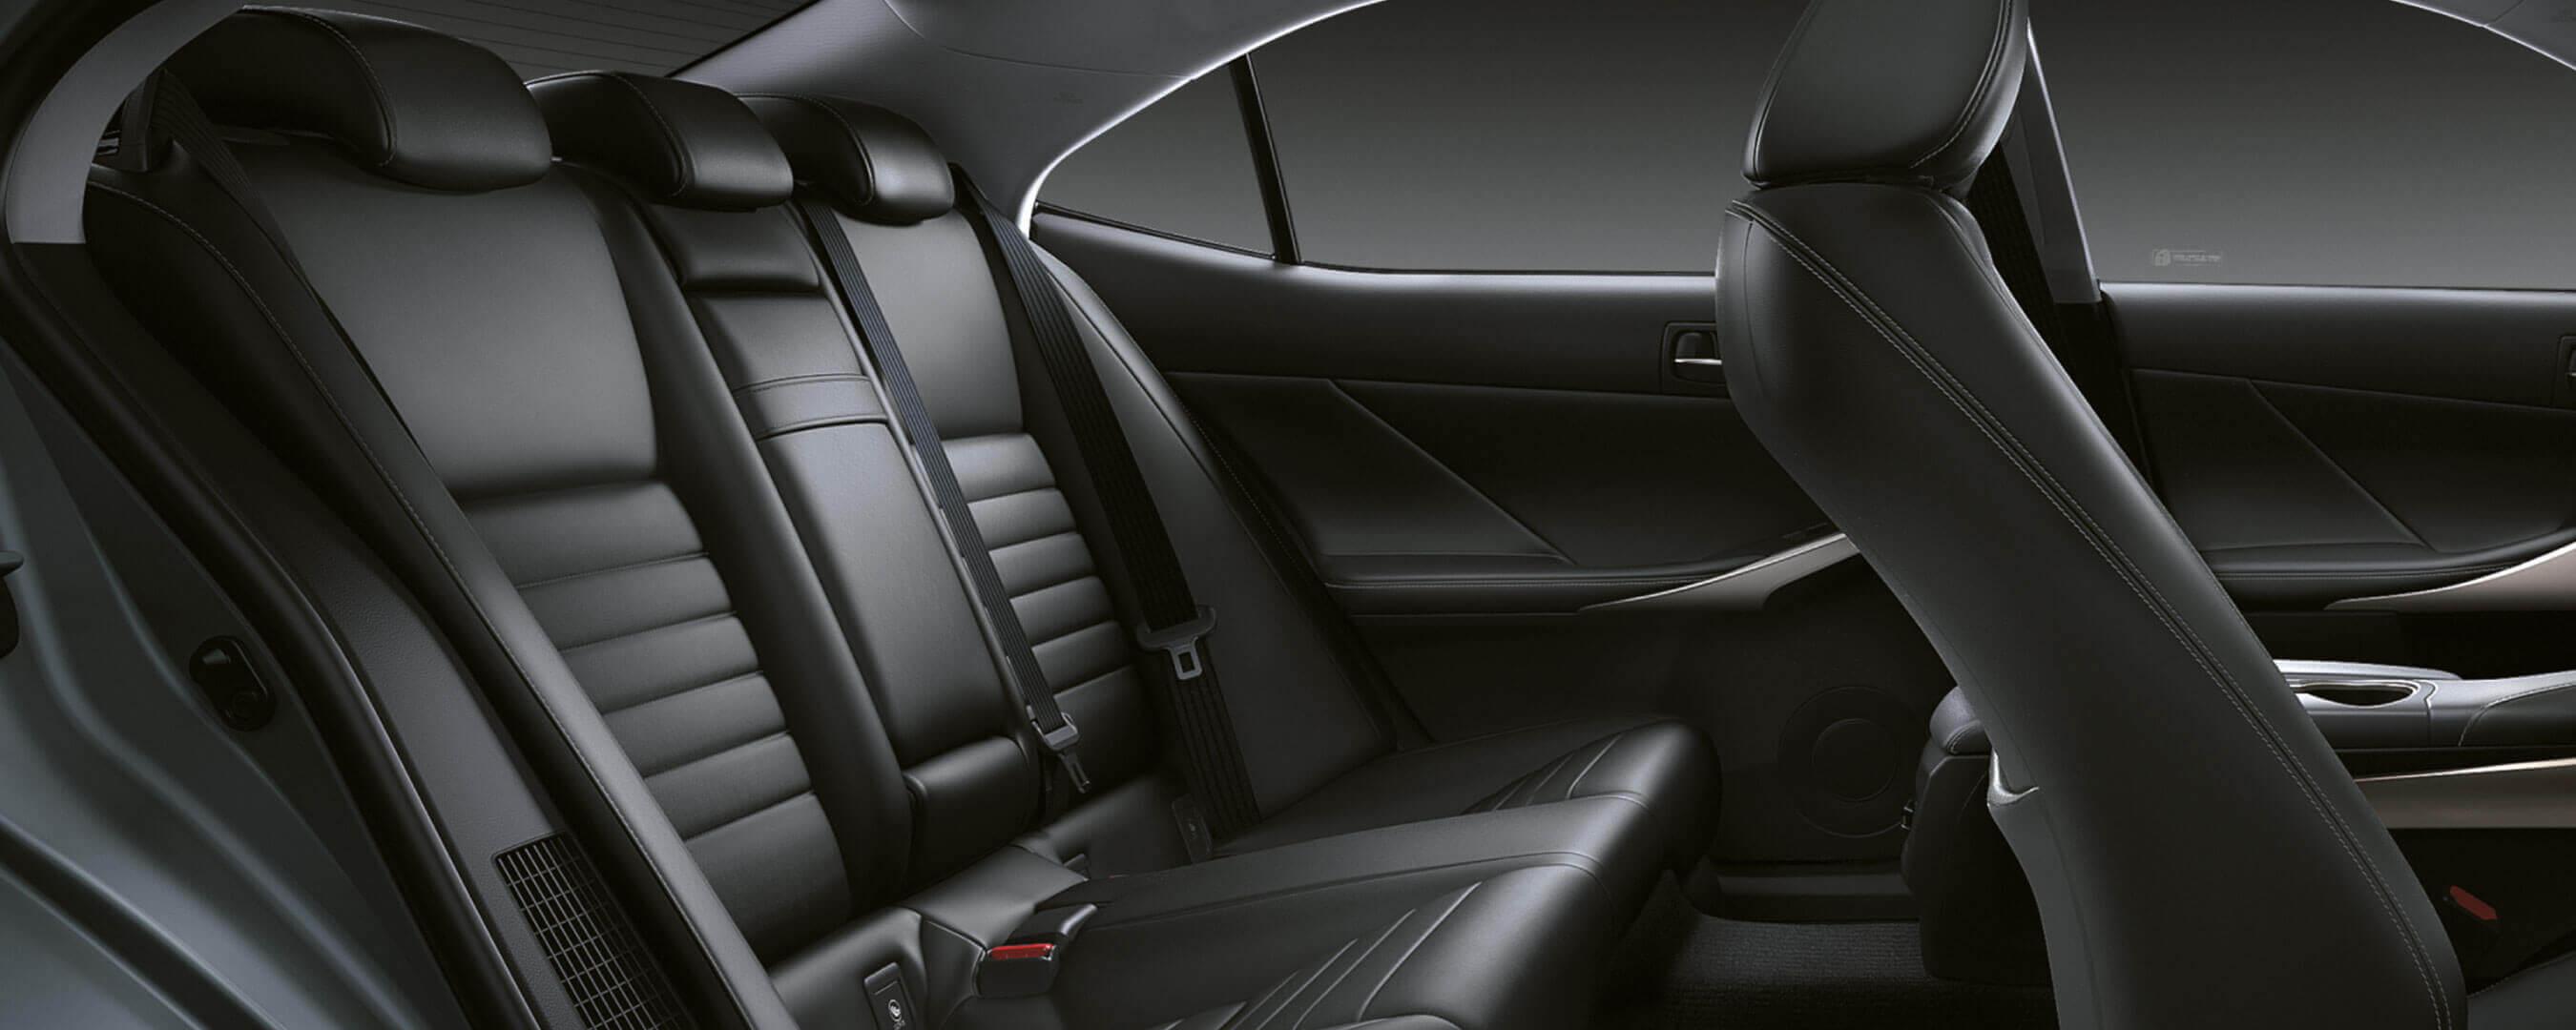 Interieur van een Lexus IS 300h